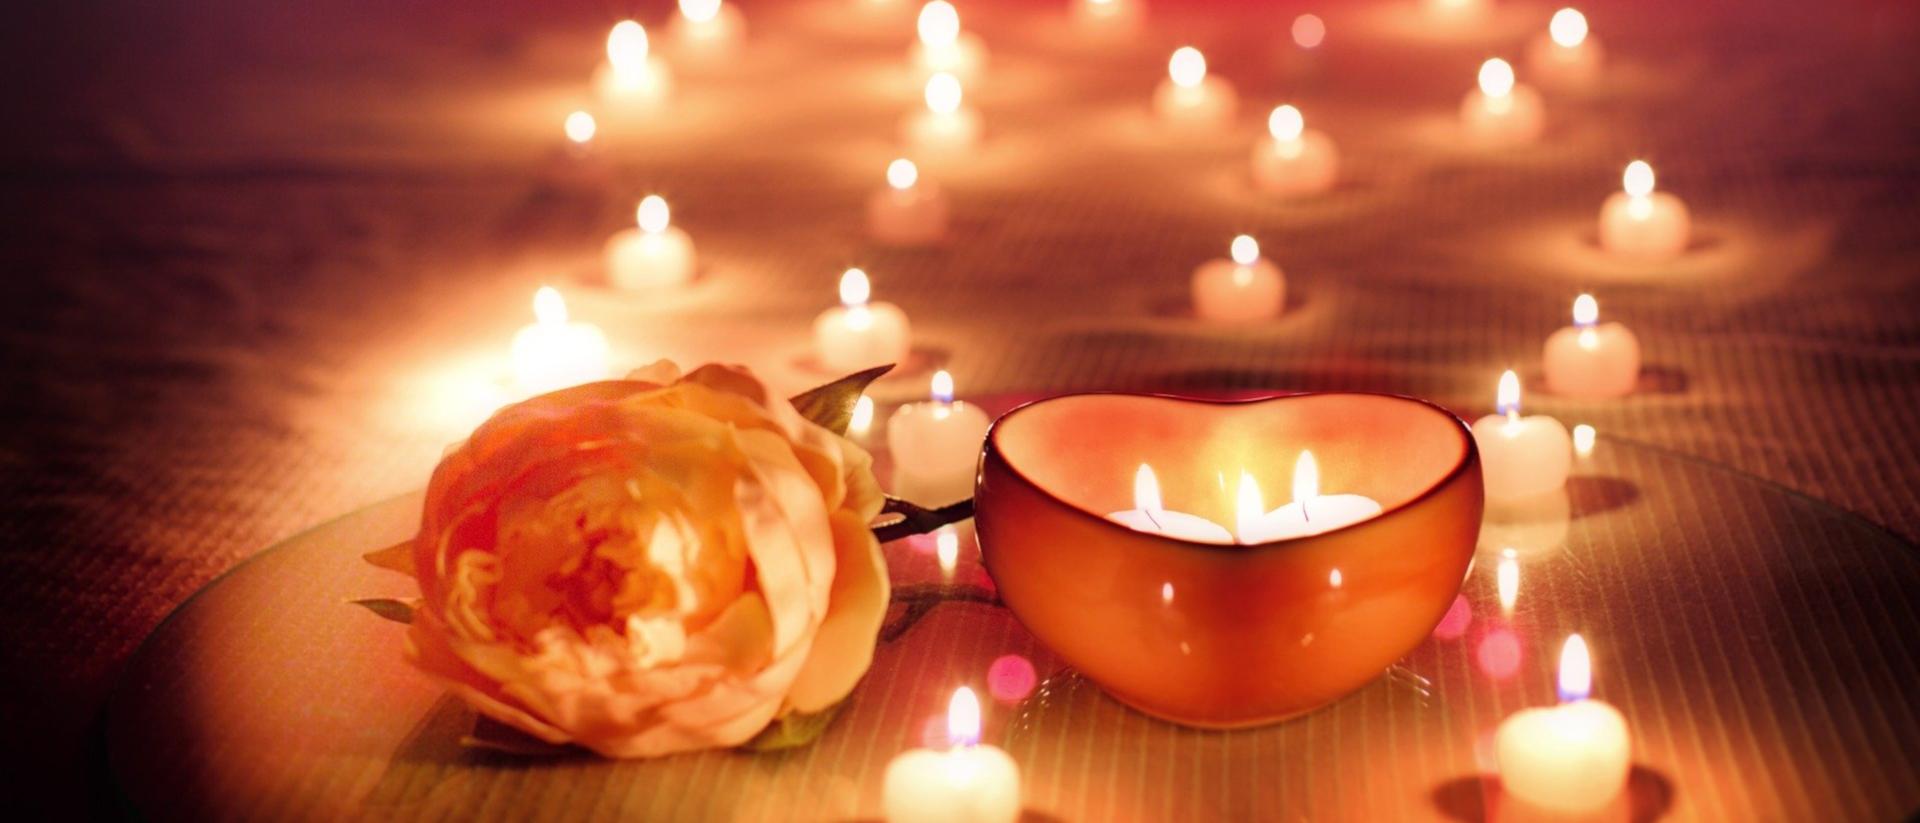 Kerzen und Rose